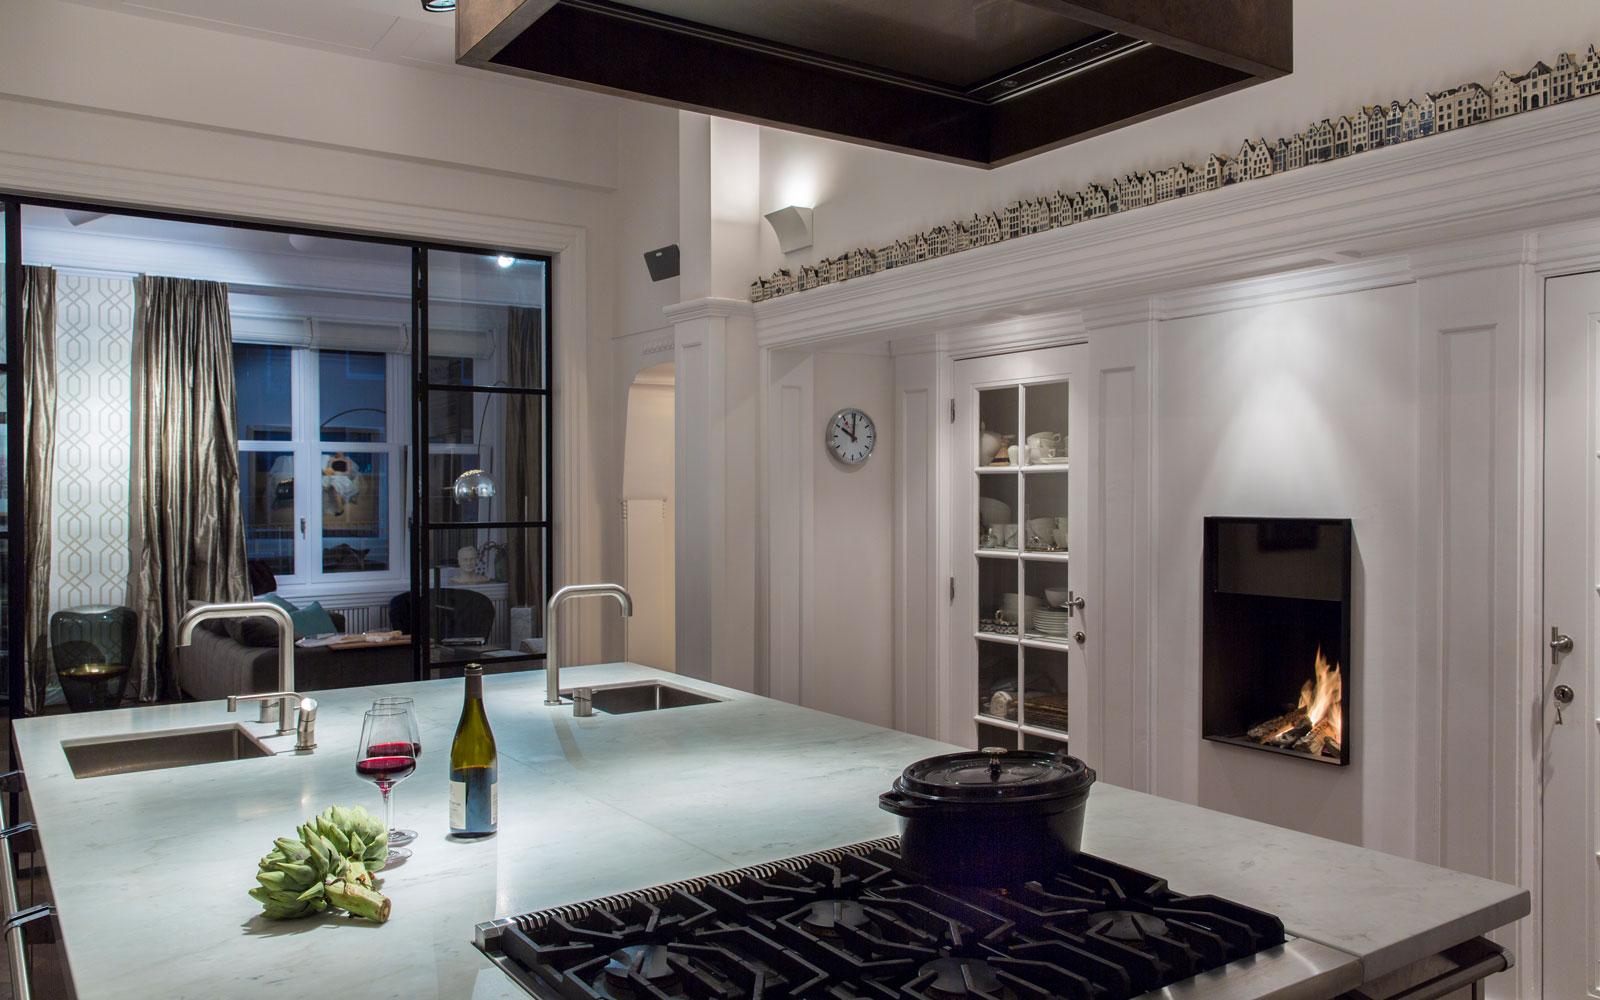 Co van der Horst is verantwoordelijk voor de stoffering in dit luxe appartement.